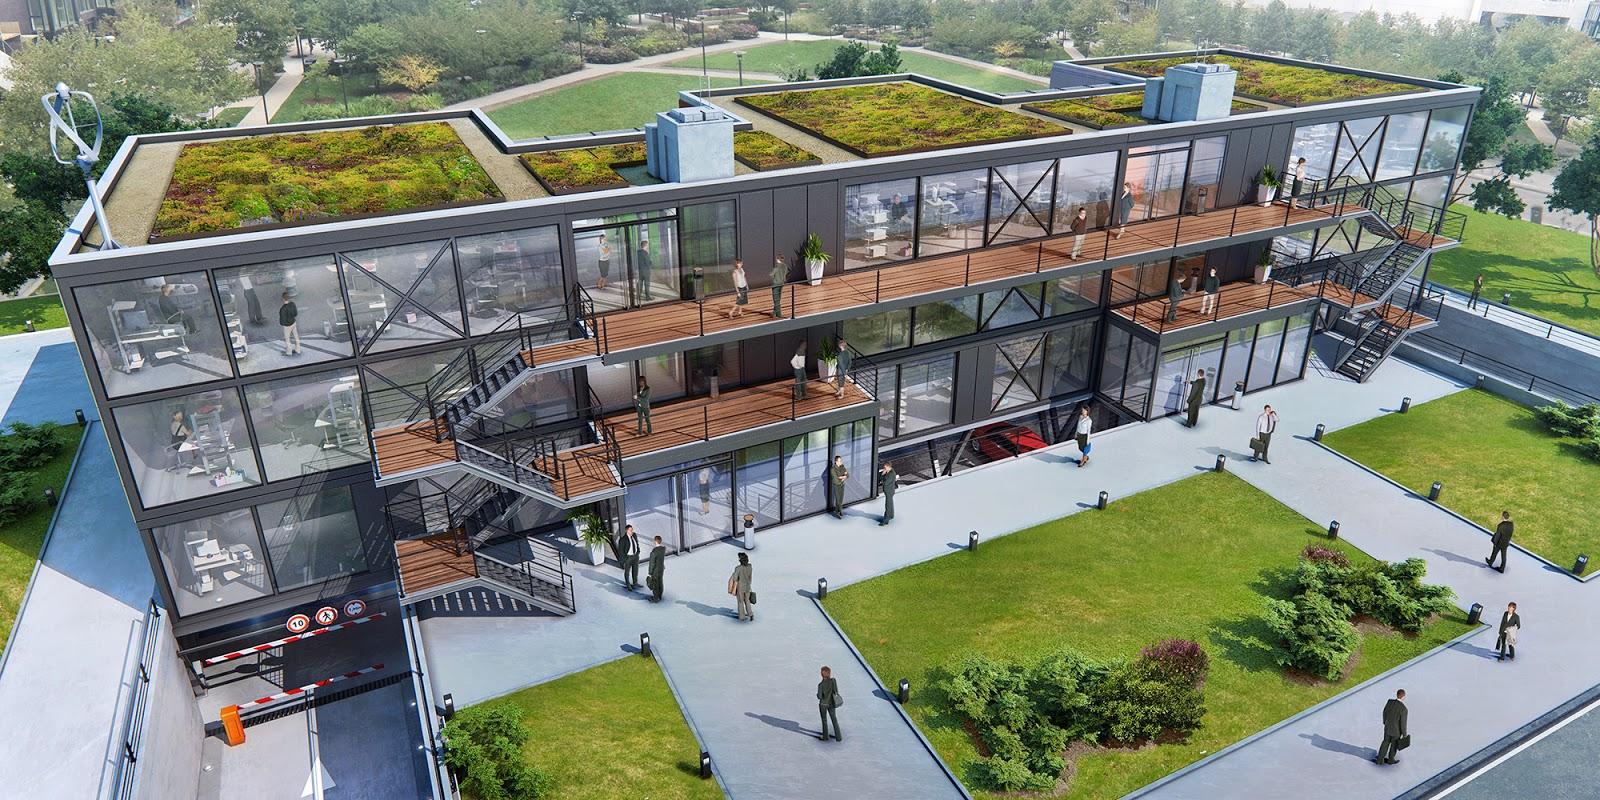 Arquitectura Sostenible e4 concept: Presentacion de nuestro nuevo ...